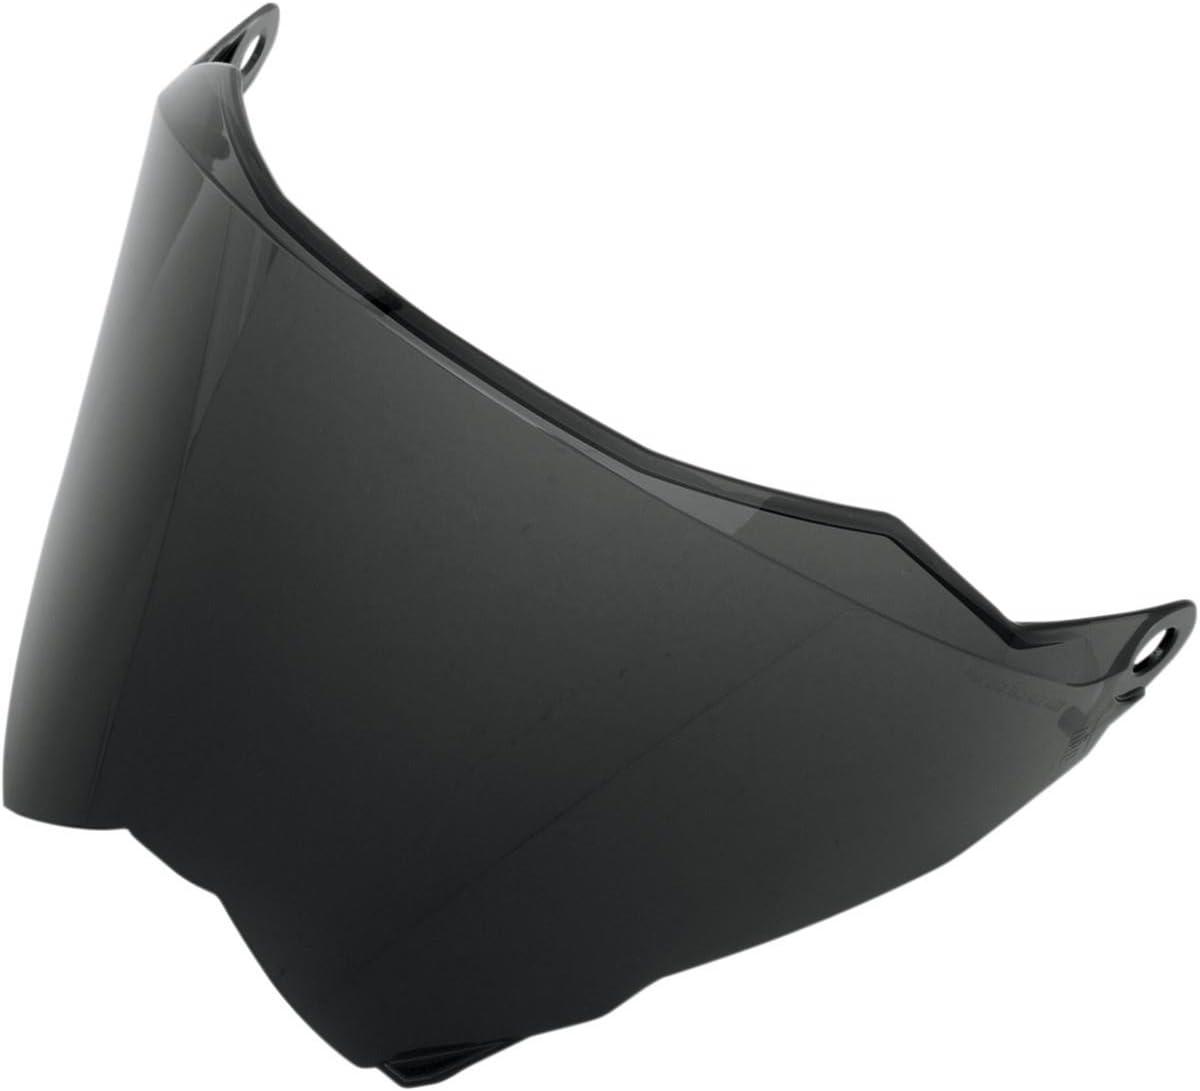 Smoke, Ax-8 Dual Evo, Dual AGV Helmet Shield Viosr Dual